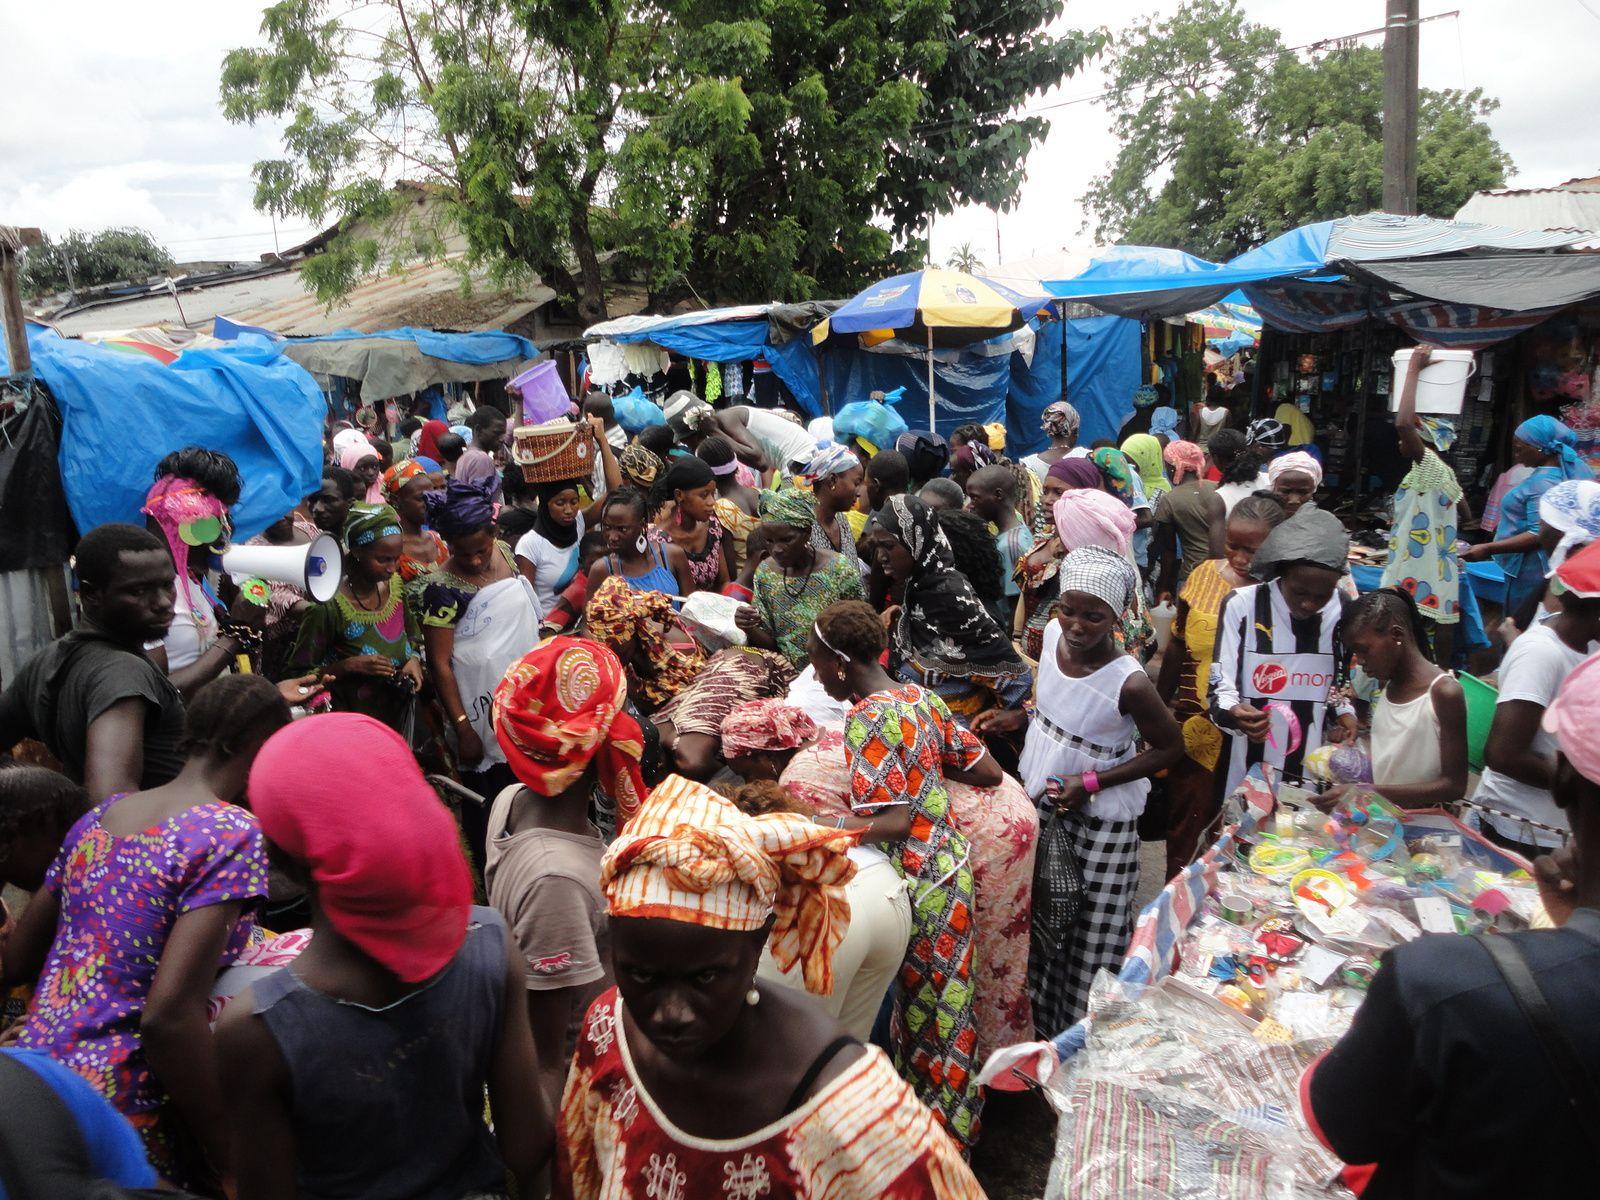 Jour de marché à Ziguinchor avant la fête de la Korité